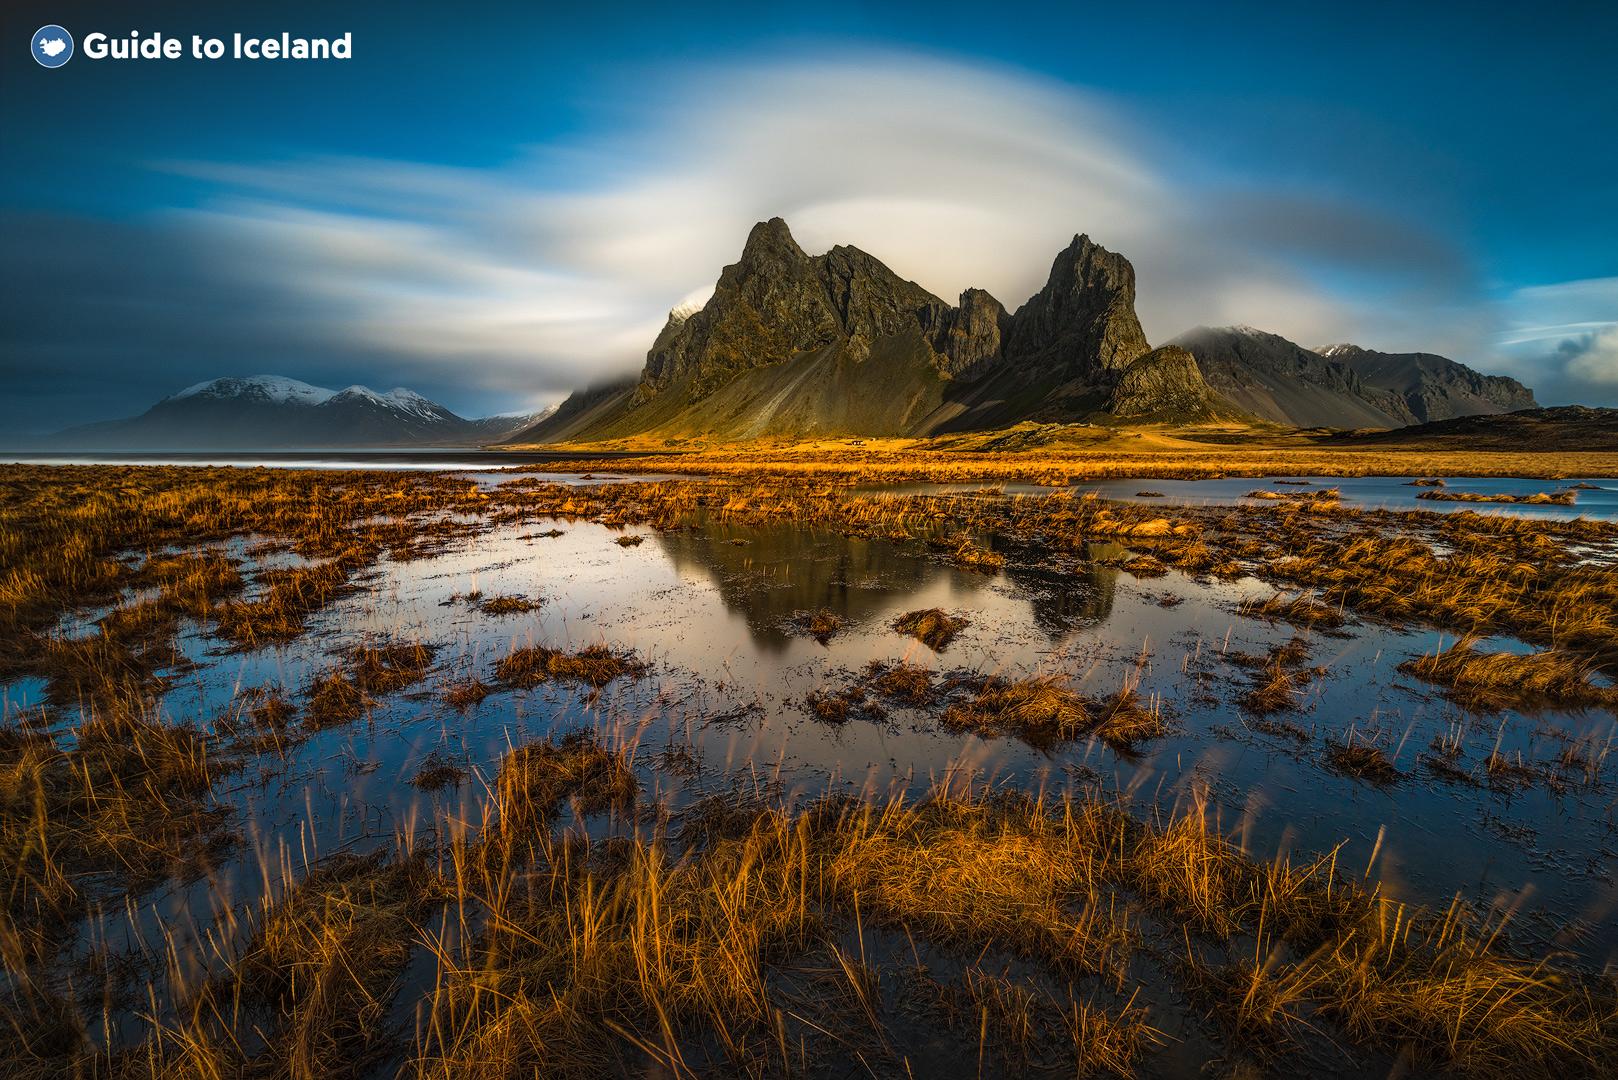 La montagne Eystrahorn, dans l'Est de l'Islande, surplombant un lac en été.